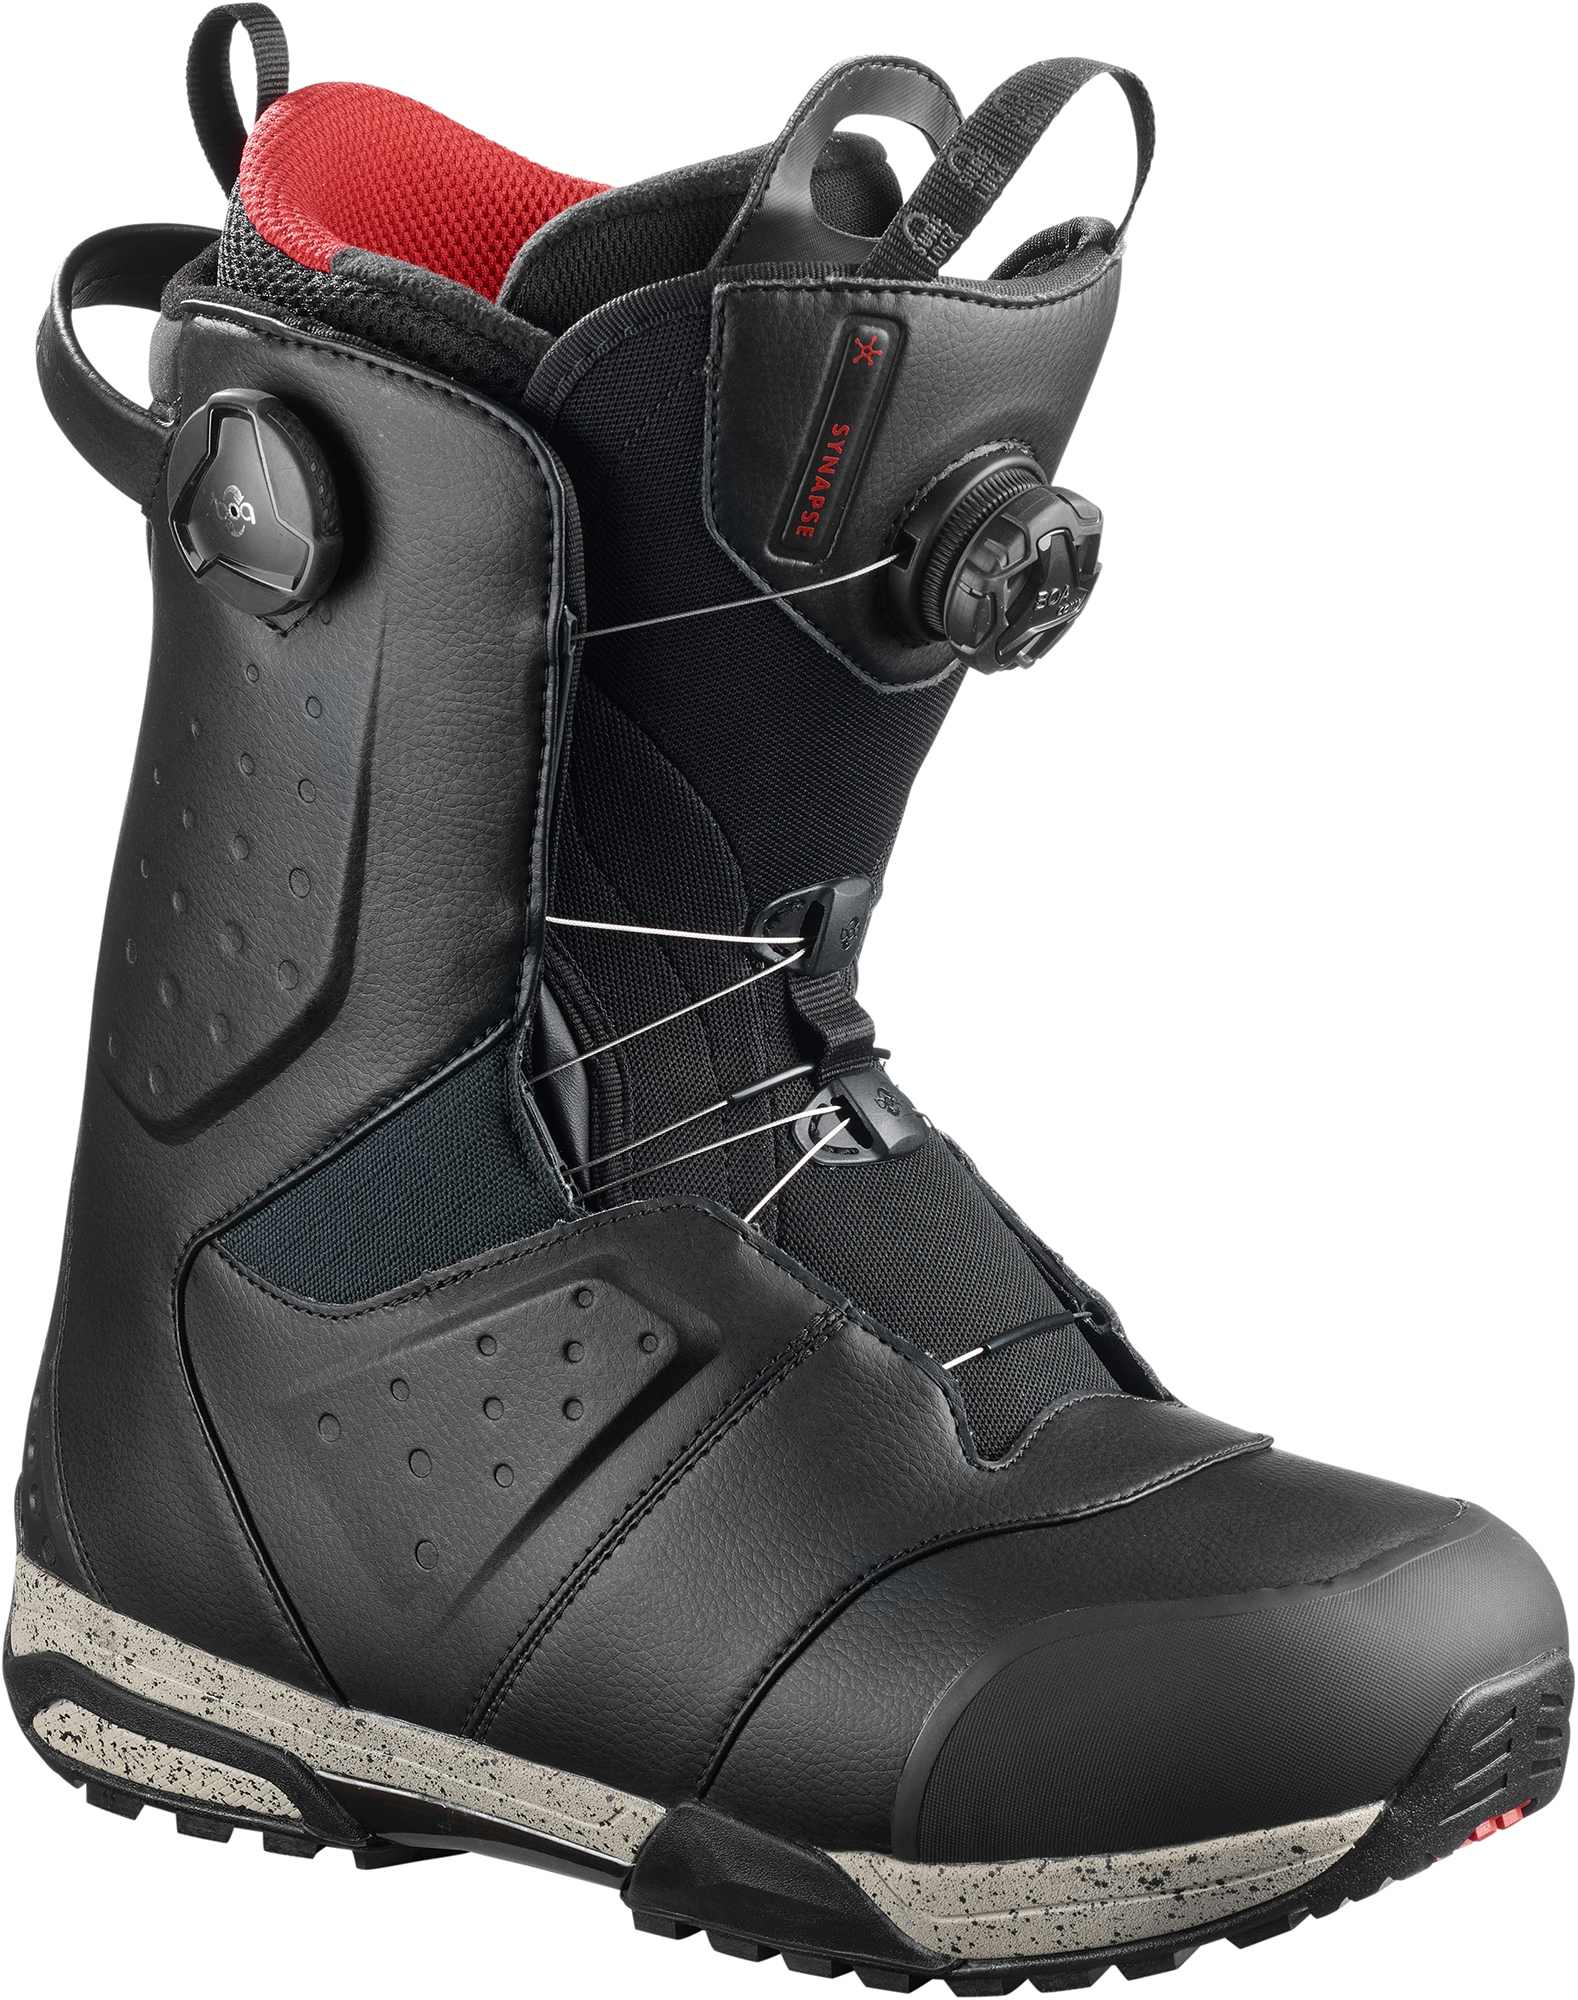 цена Salomon Сноубордические ботинки Salomon Synapse Focus Boa, размер 42,5 онлайн в 2017 году